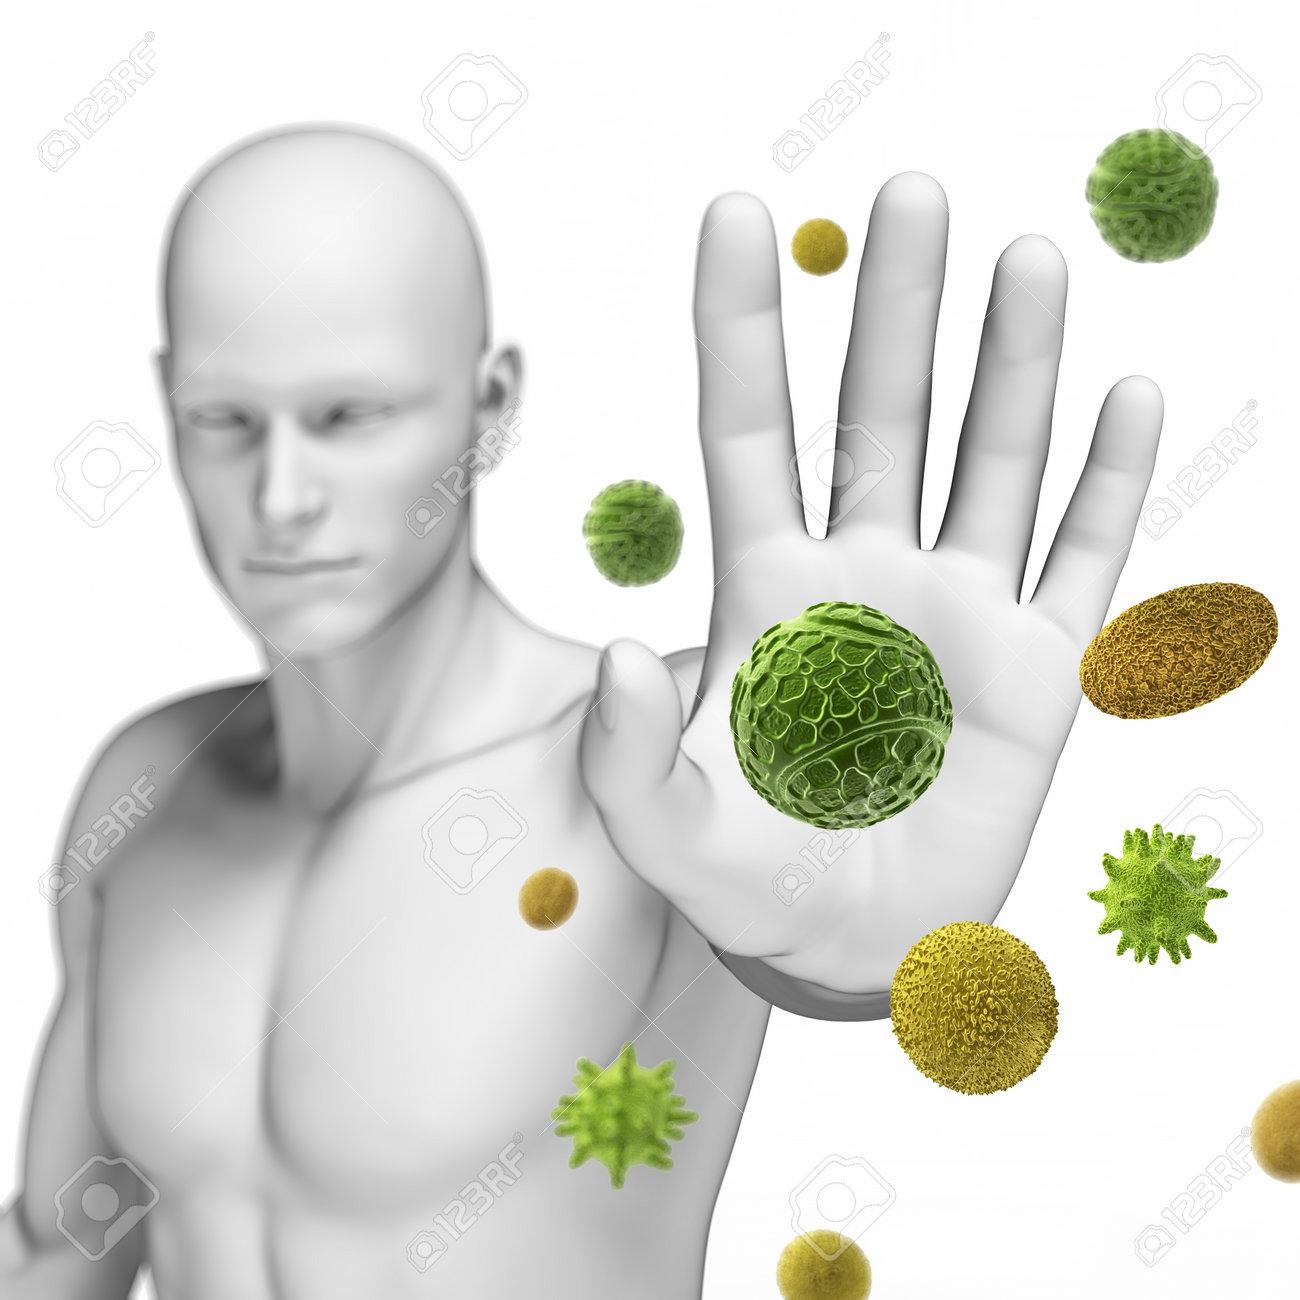 3d rendered illustration defending some pollen - 18448717